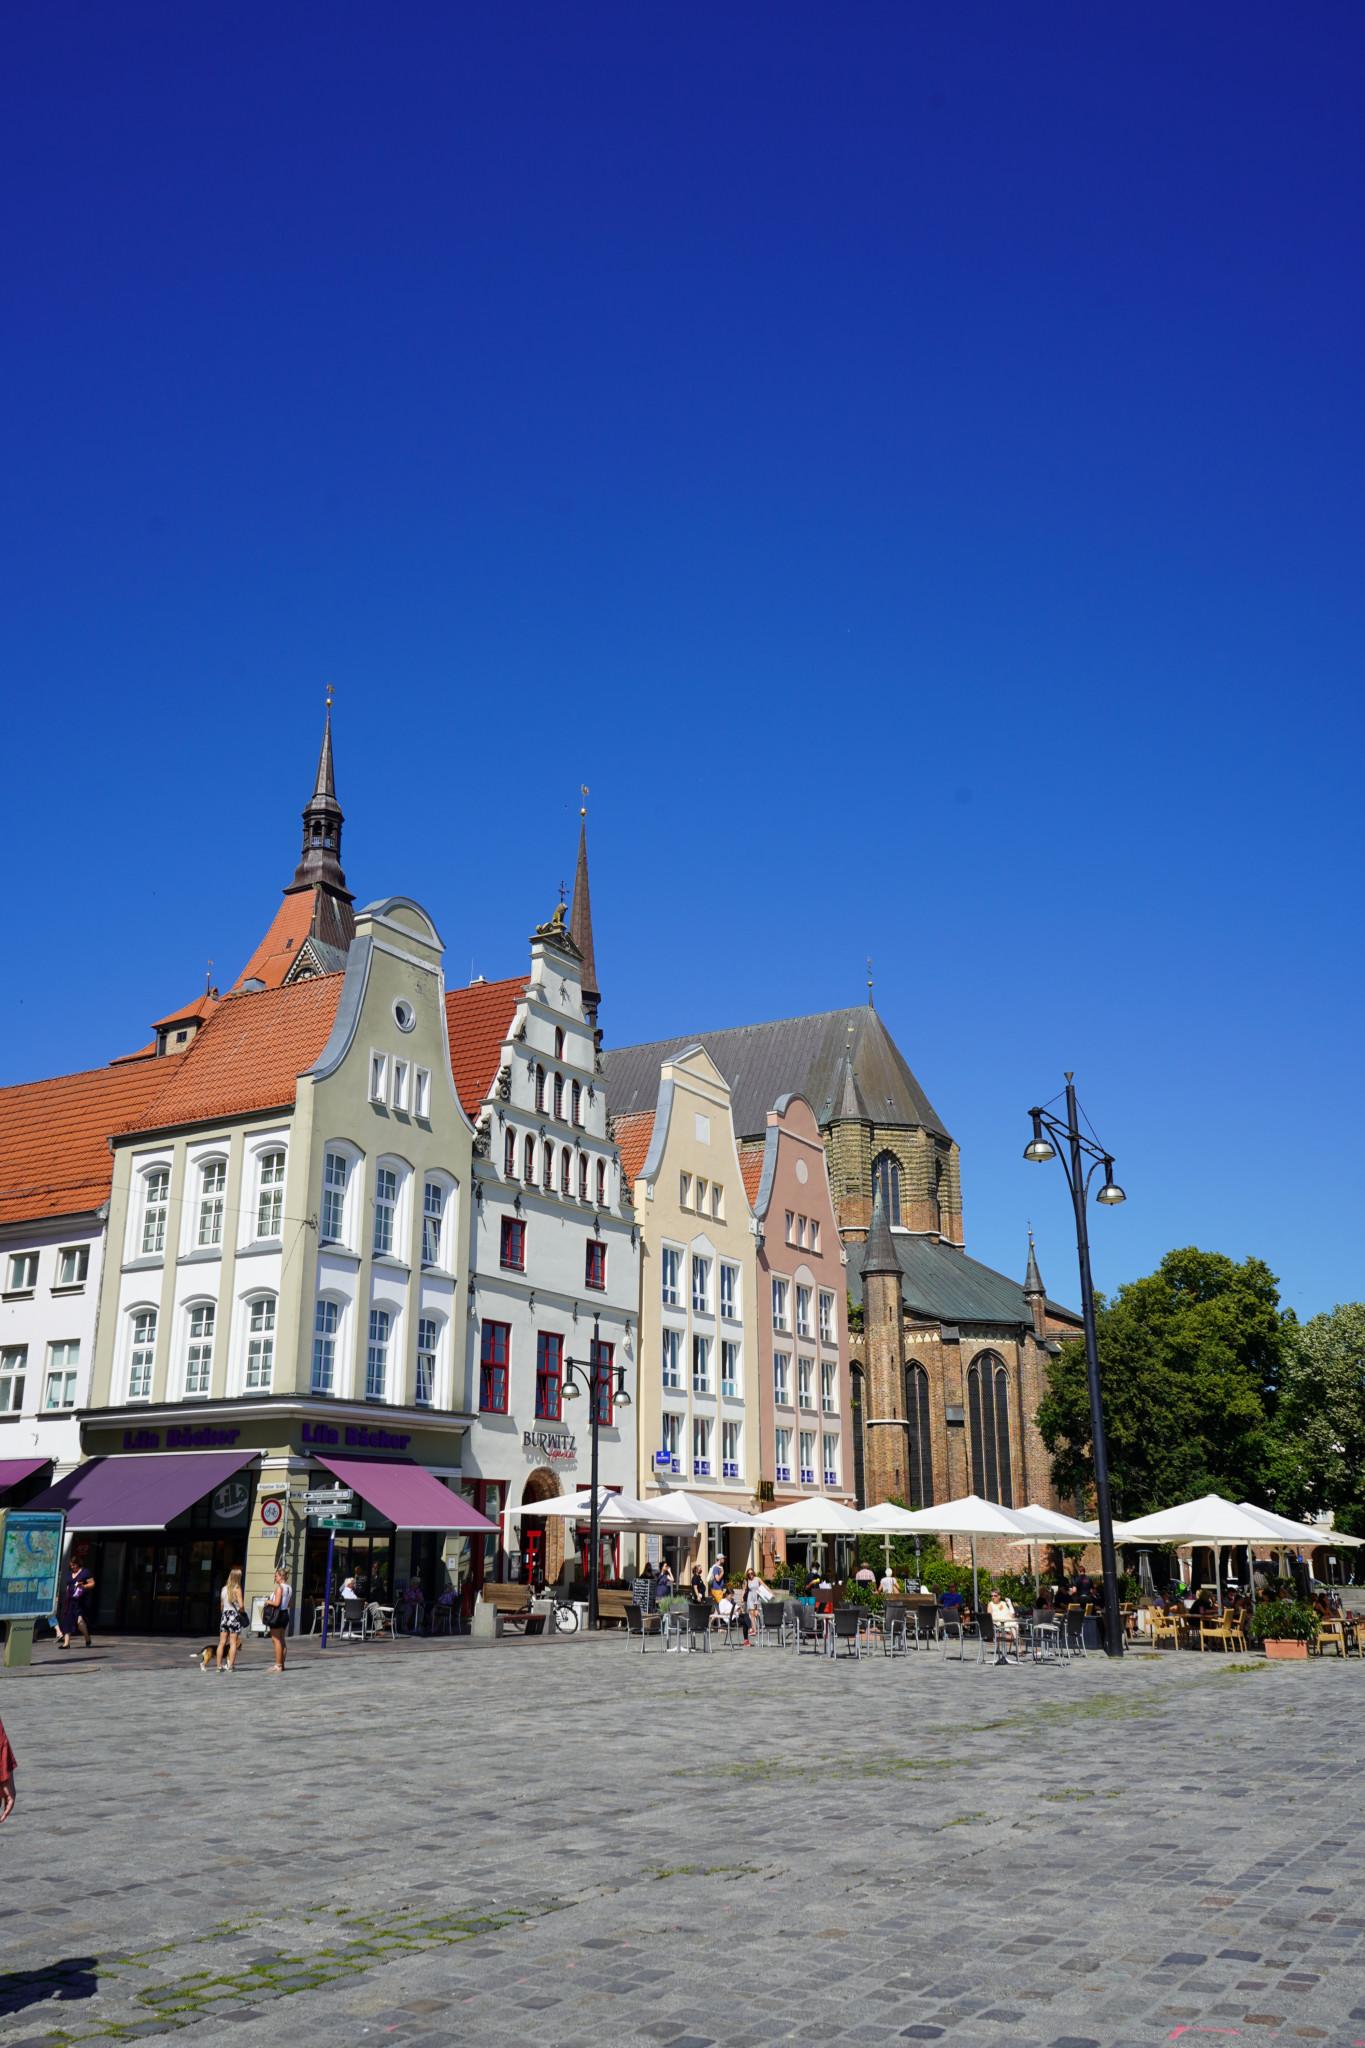 Giebelhäuser am Neuen Markt in Rostock